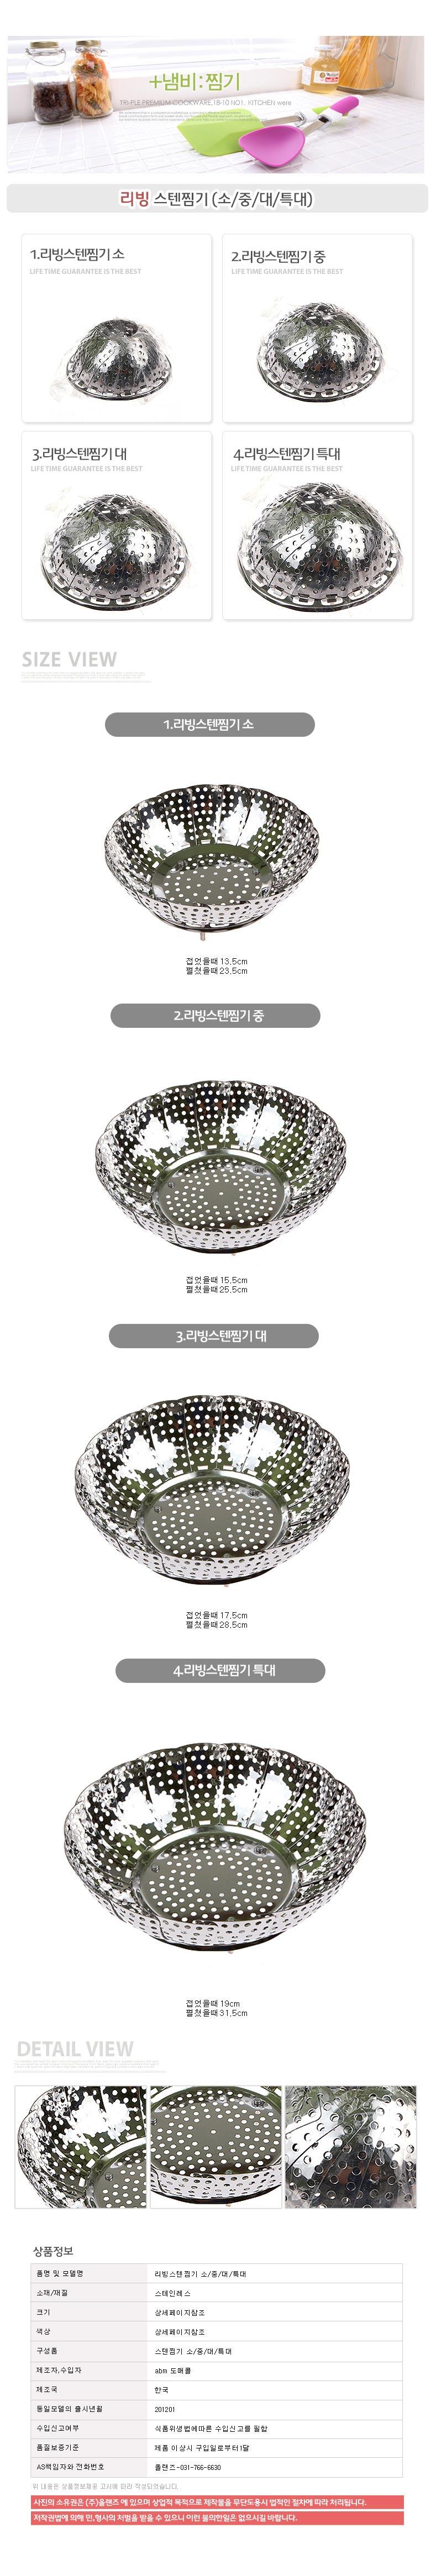 실속형스텐찜기 대1개 - 콕닷컴, 13,200원, 압력솥/찜기, 찜기